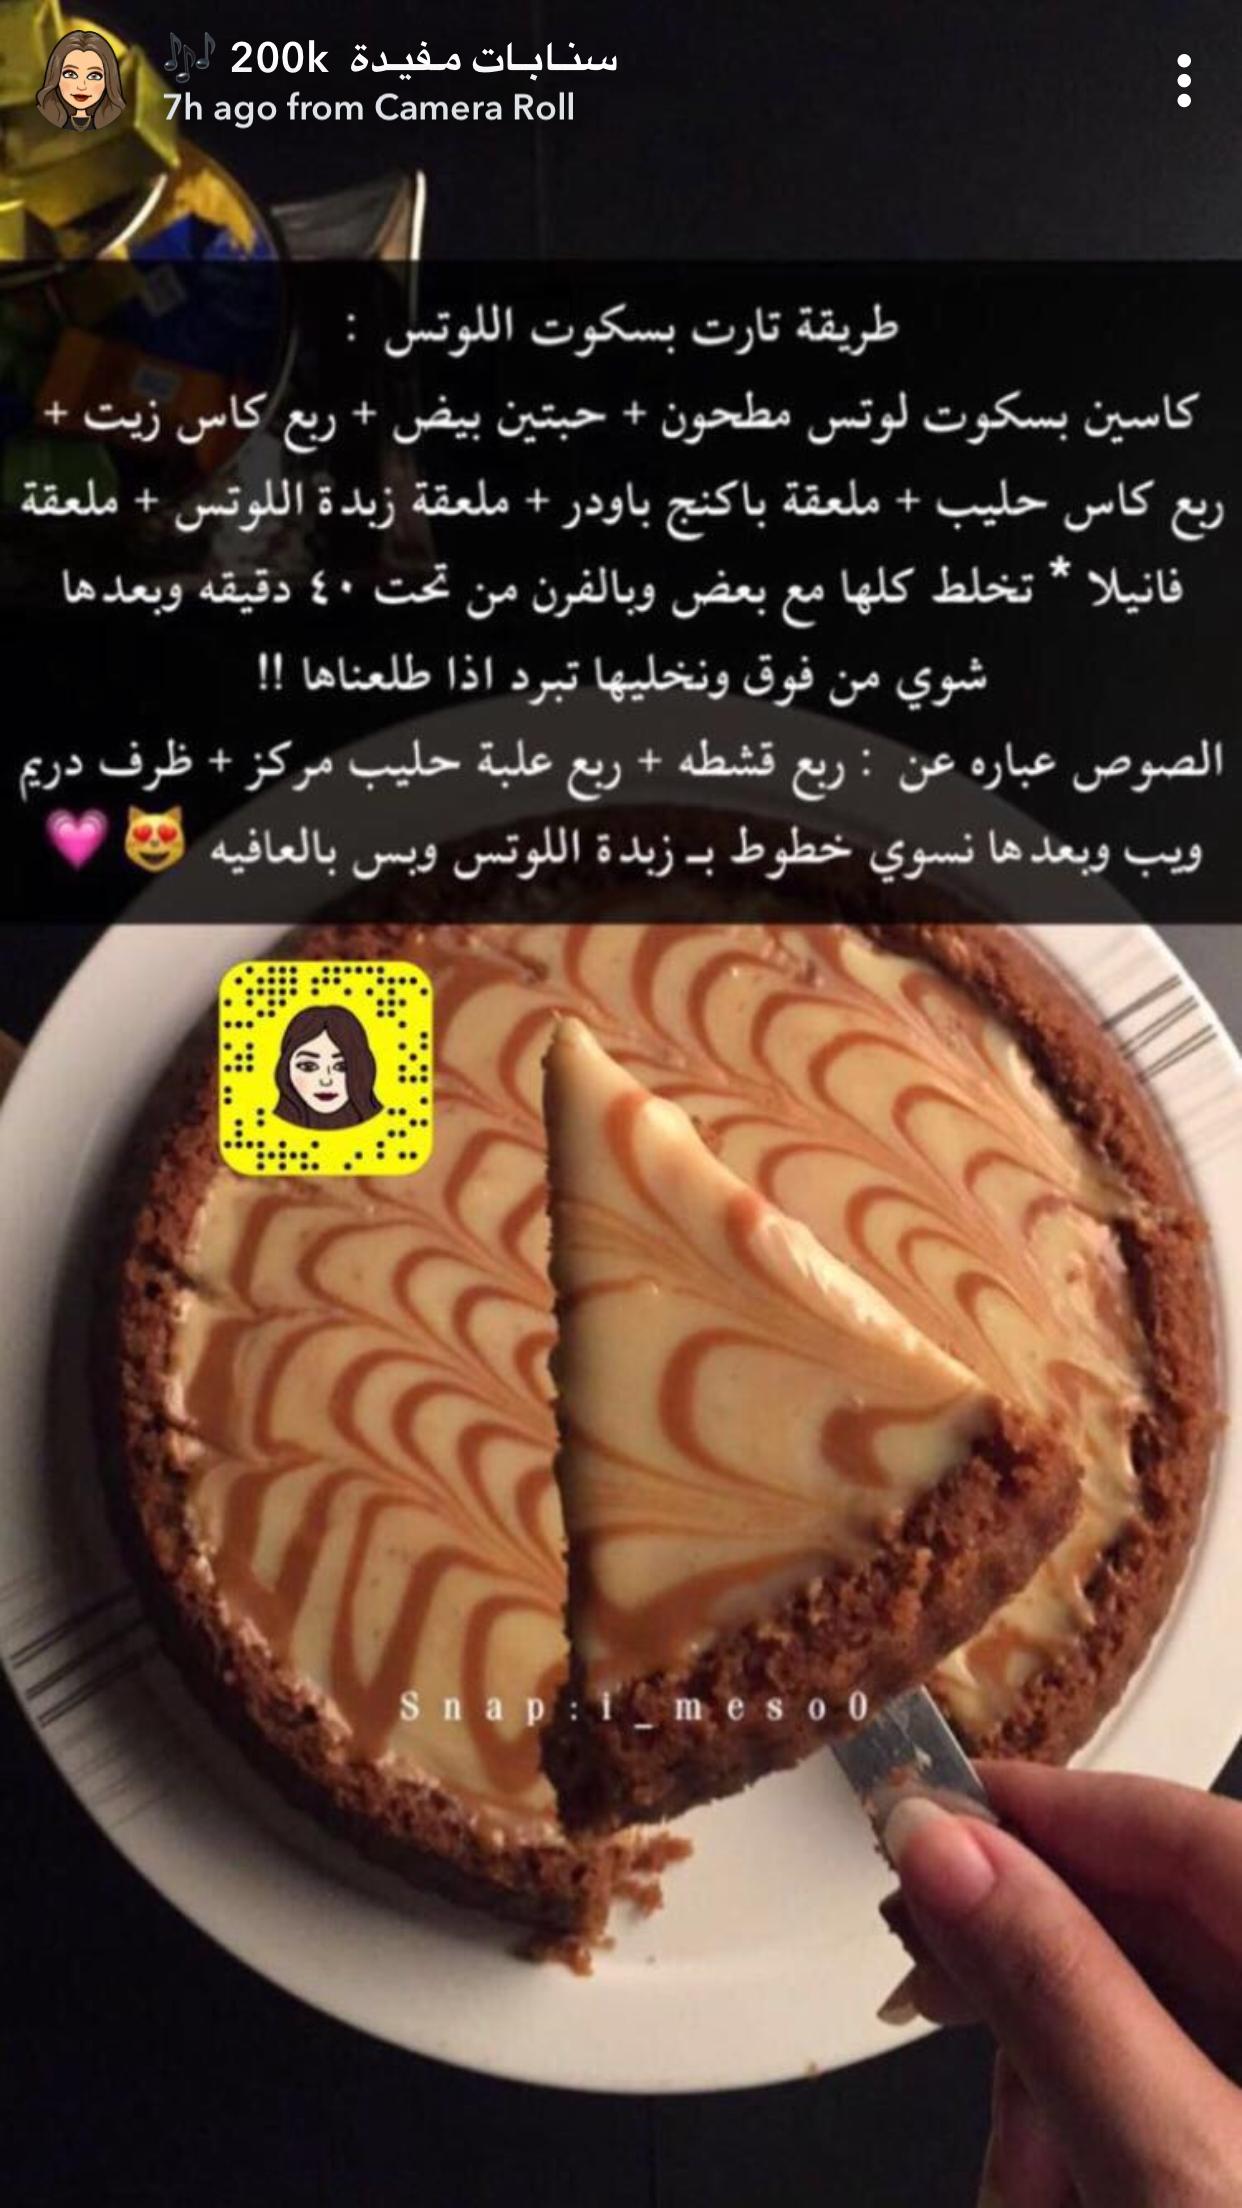 تشيز اللوتس Food Drinks Dessert Yummy Food Dessert Dessert Ingredients